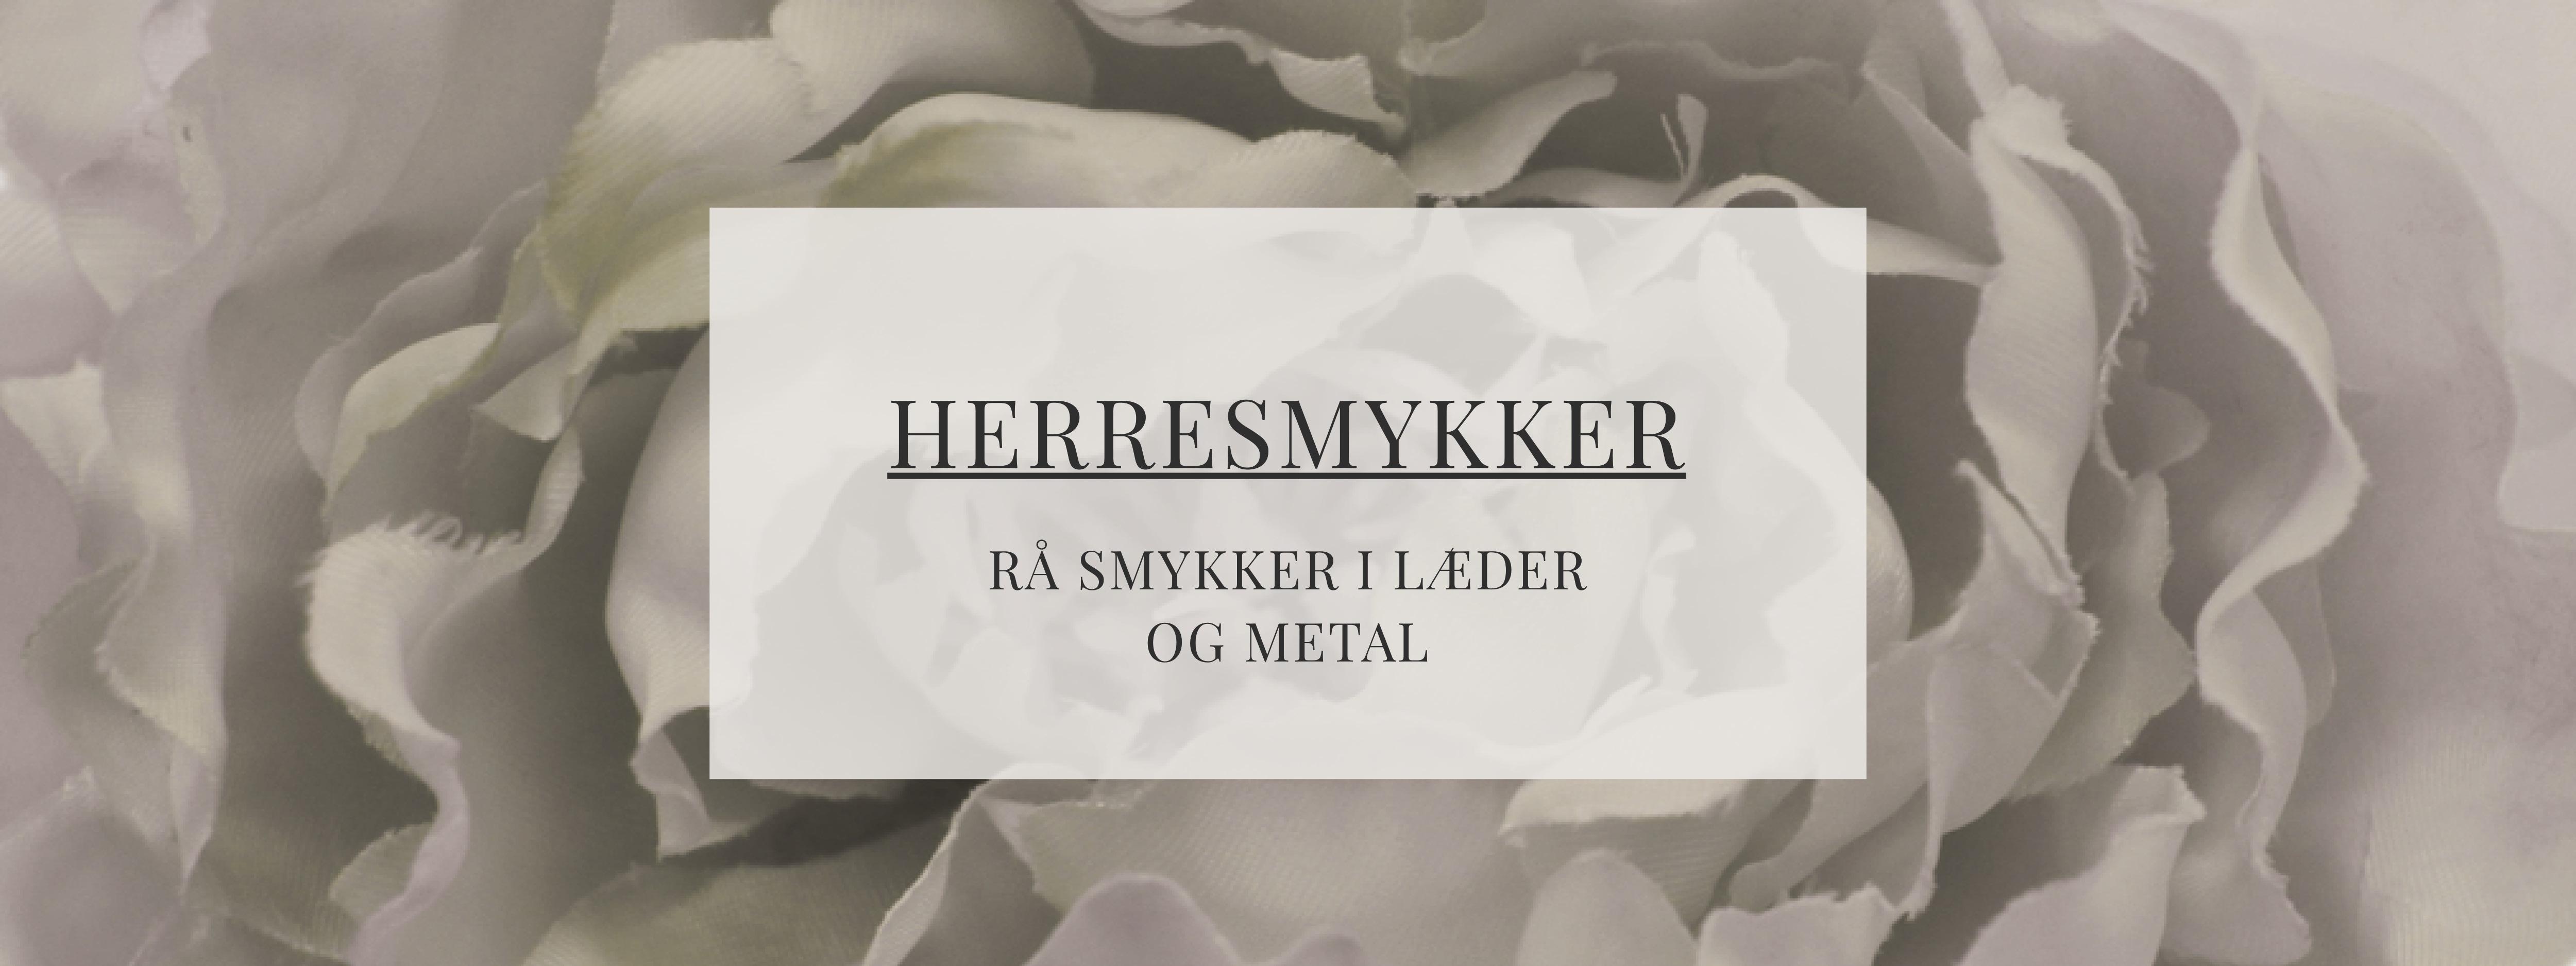 HERRESMYKKER-SLIDER -FOTO